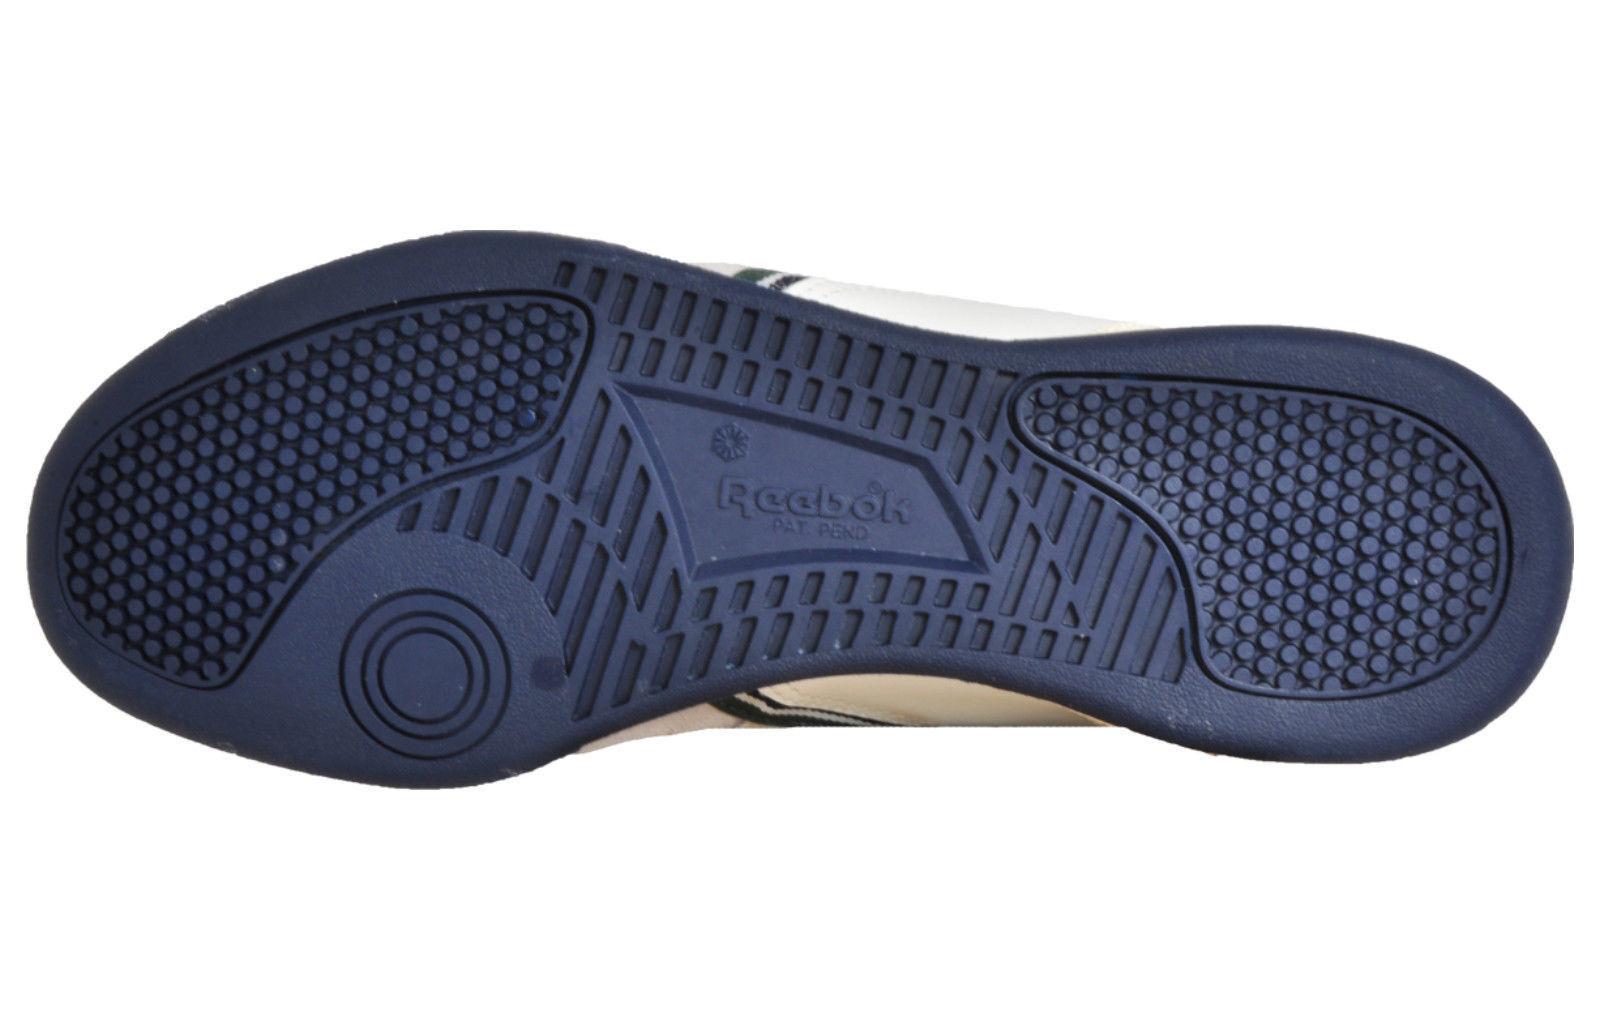 Nuevo Zapatillas Reebok Classic Act 600 thof Para hombres hombres hombres Informales Zapatillas Retro de Moda 7.5 58a4ca